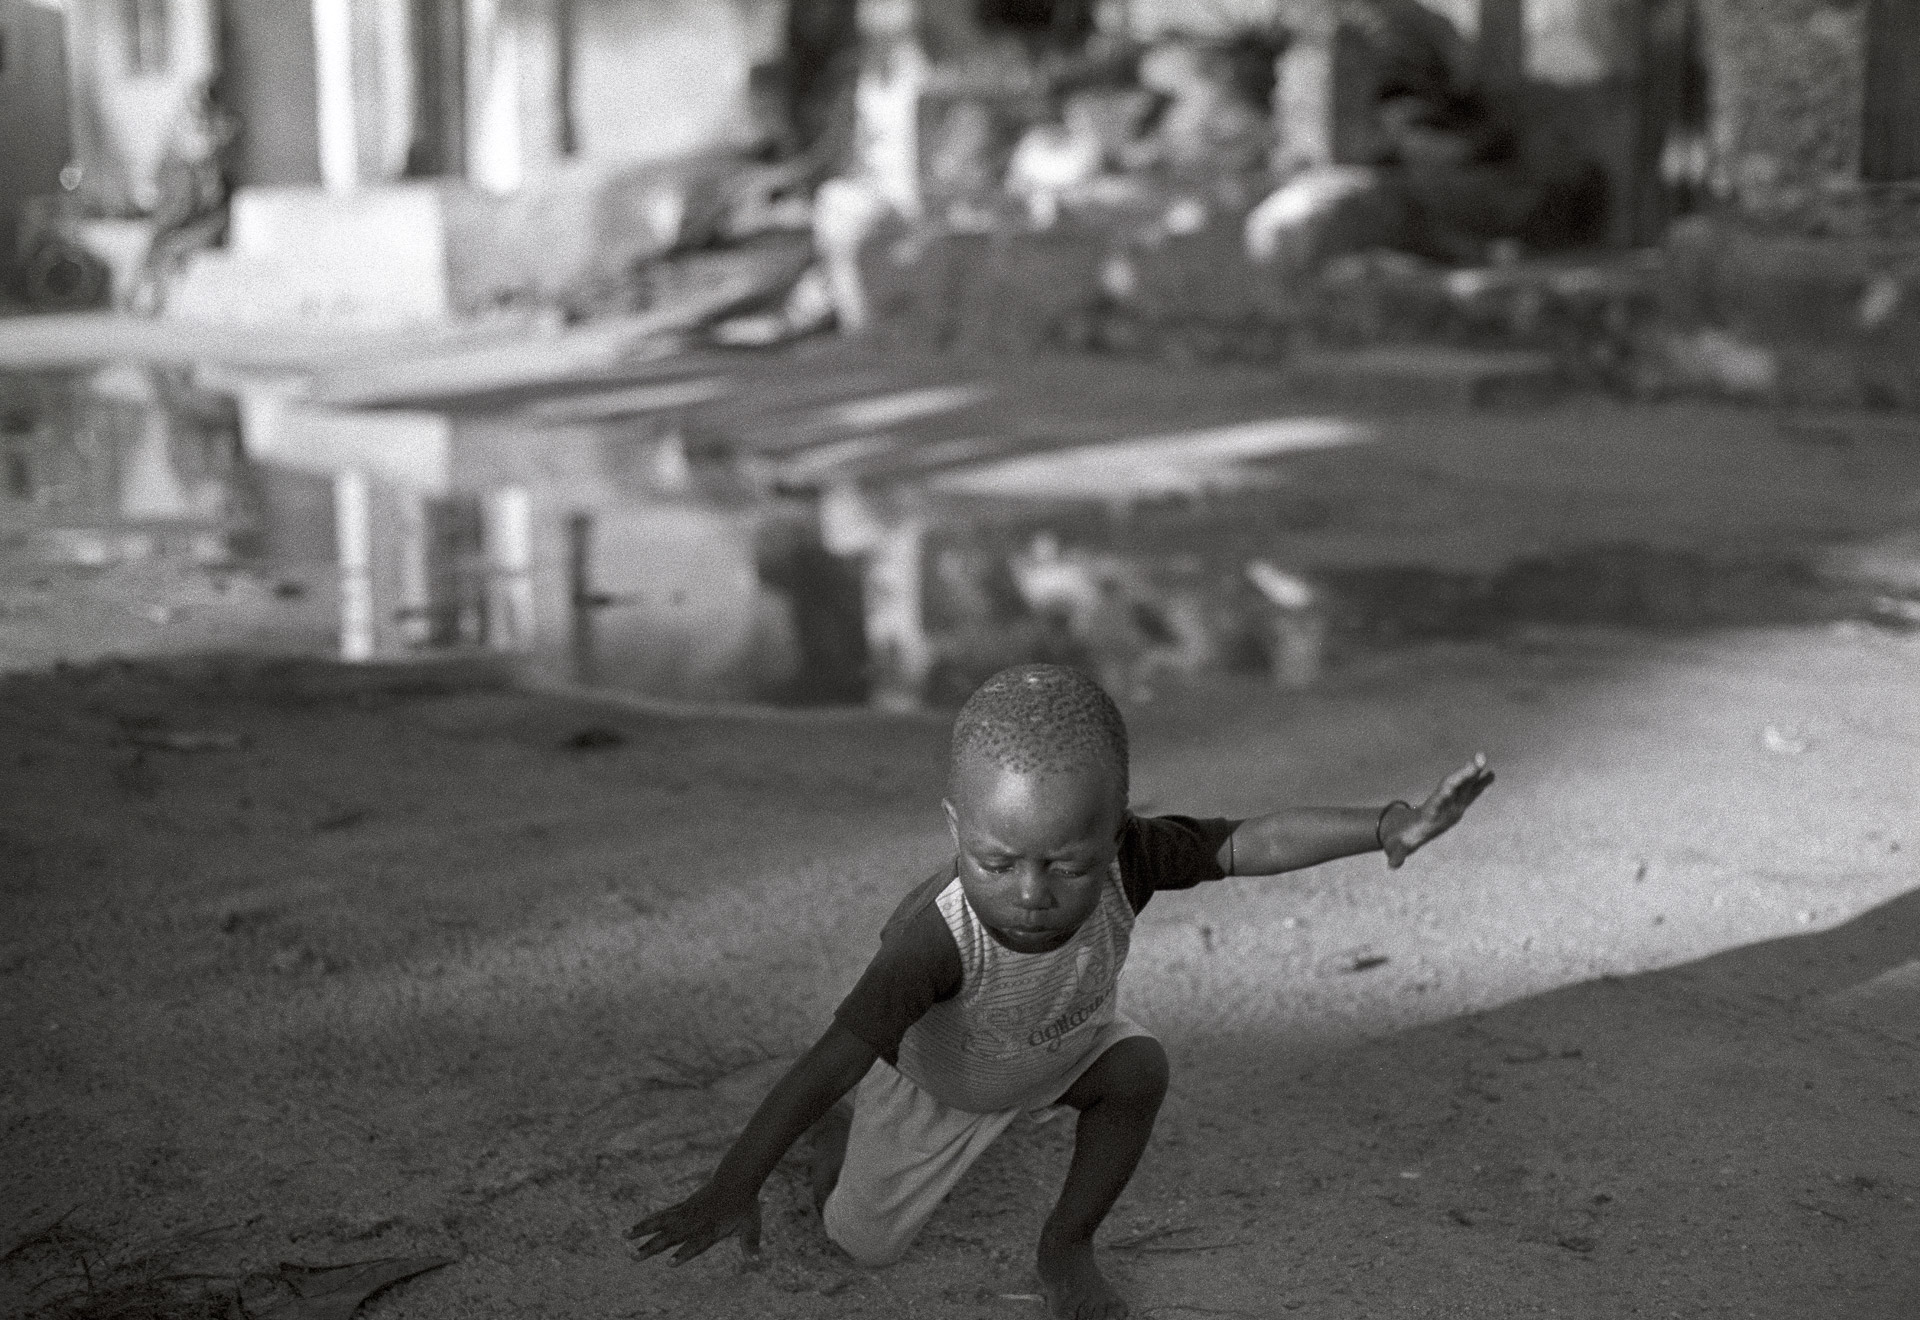 Boy regains balance after falling in Jambiani Zanzibar